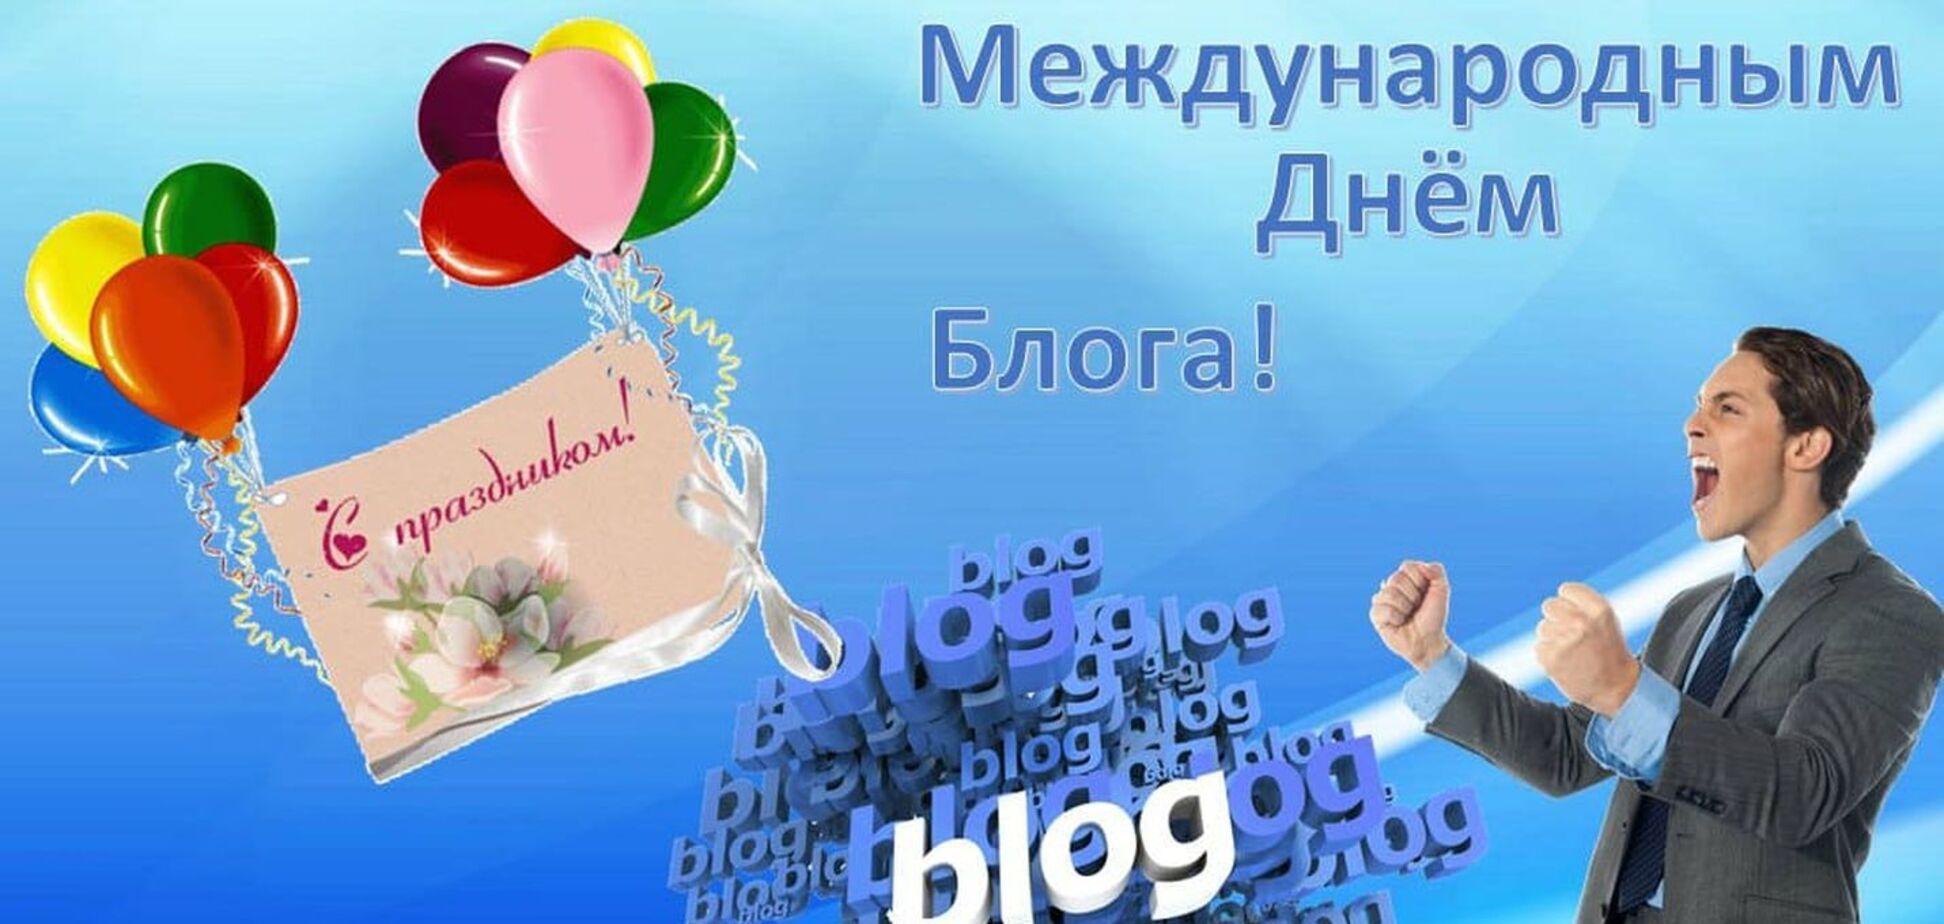 День блогу відзначається з 2005 року